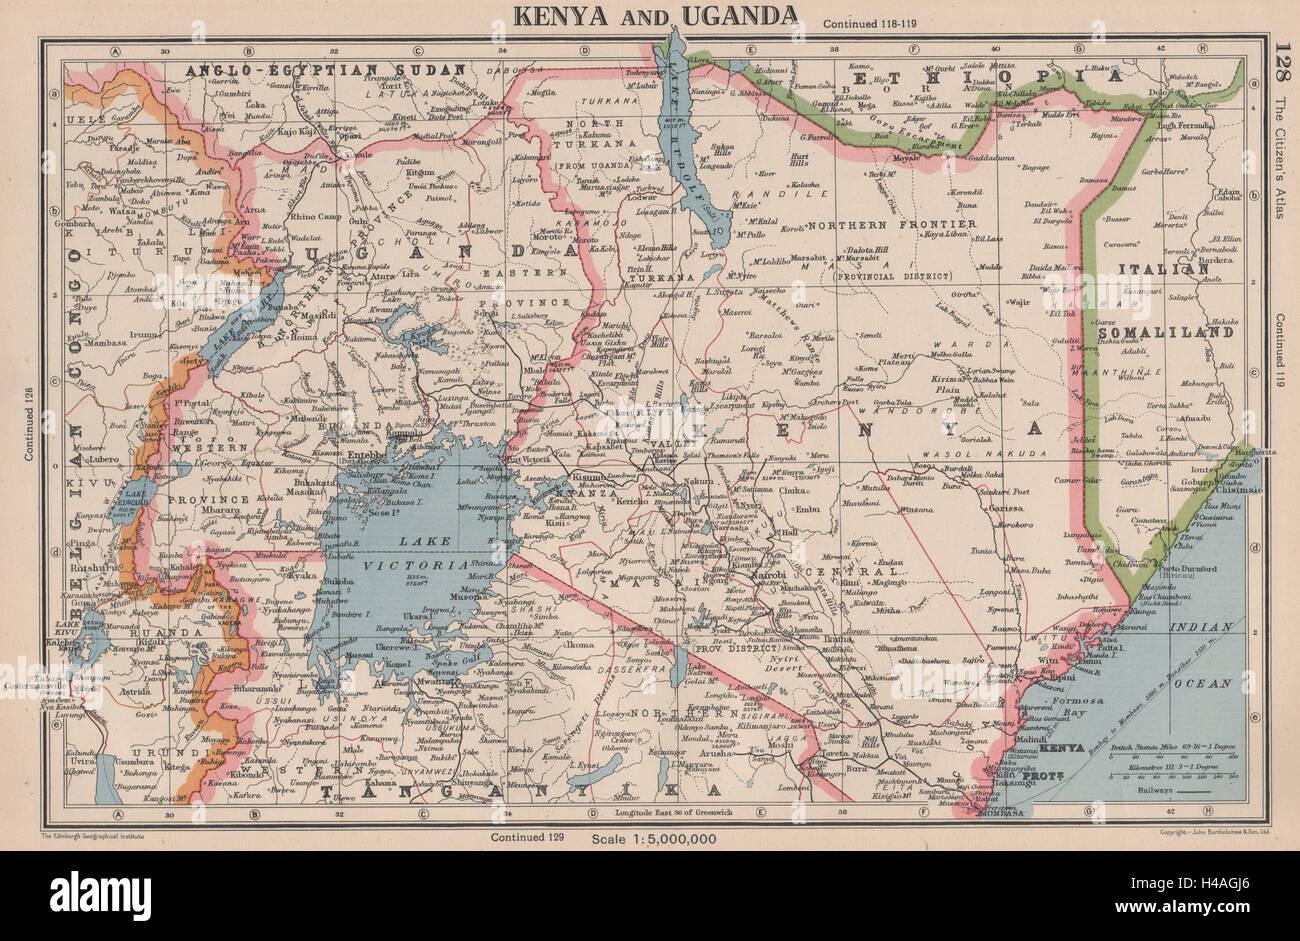 East Africa Kenya And Uganda Lake Victoria Bartholomew 1944 Old